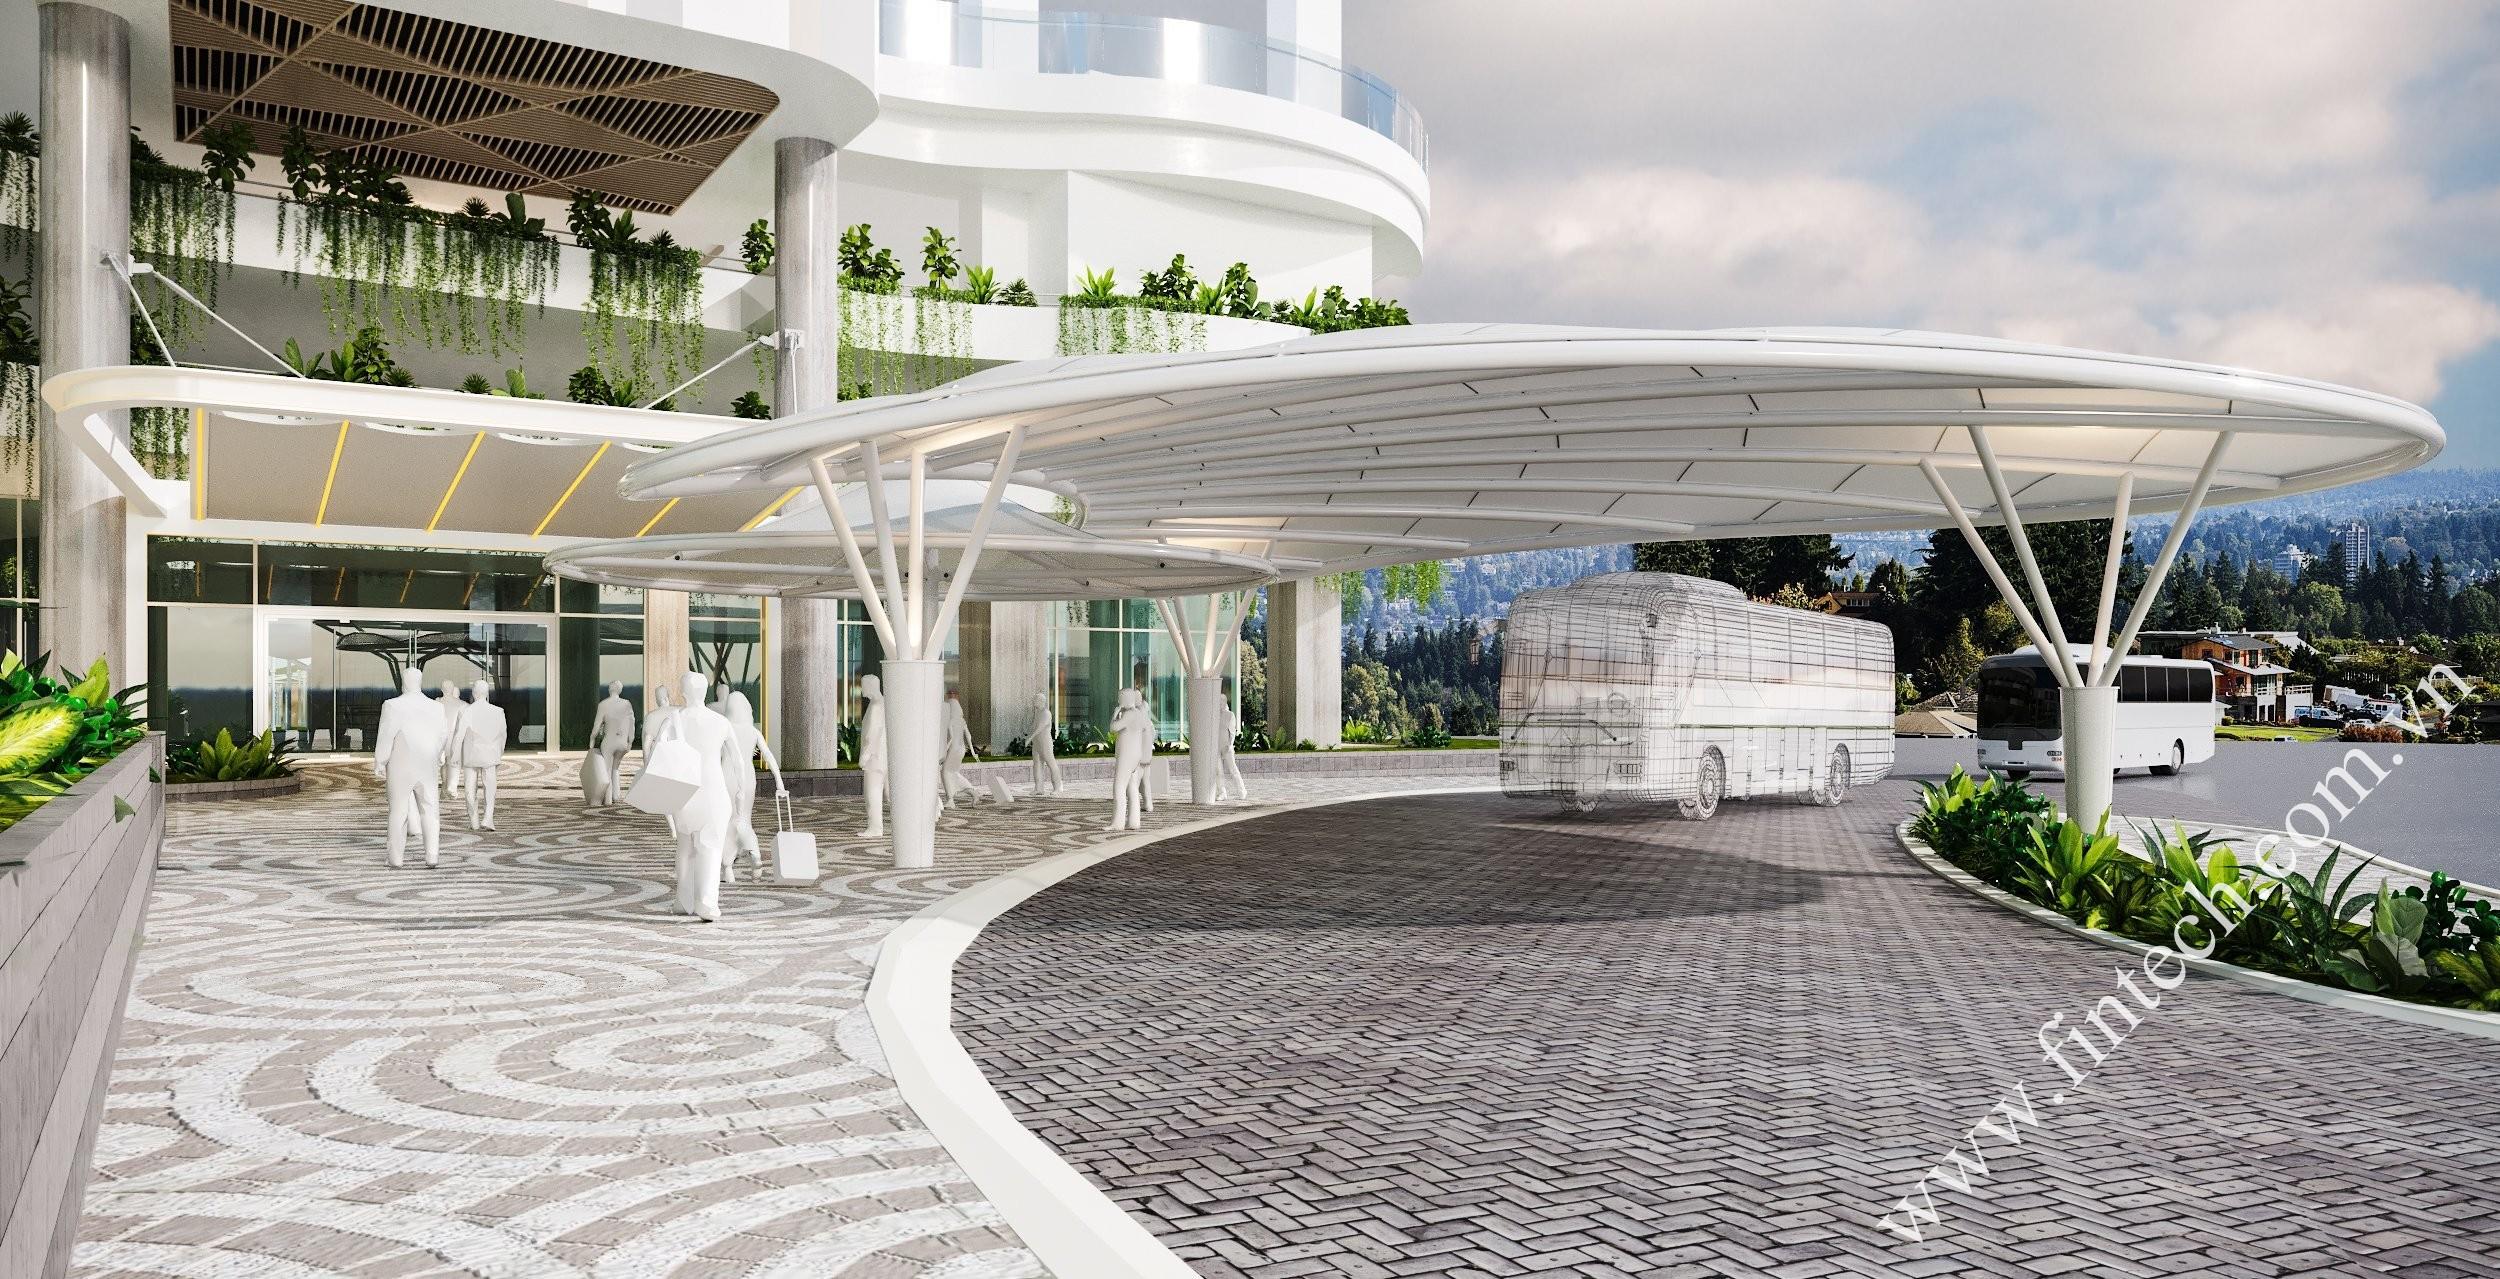 Phối cảnh mái sảnh dự án Citadines Marina Hạ Long 2